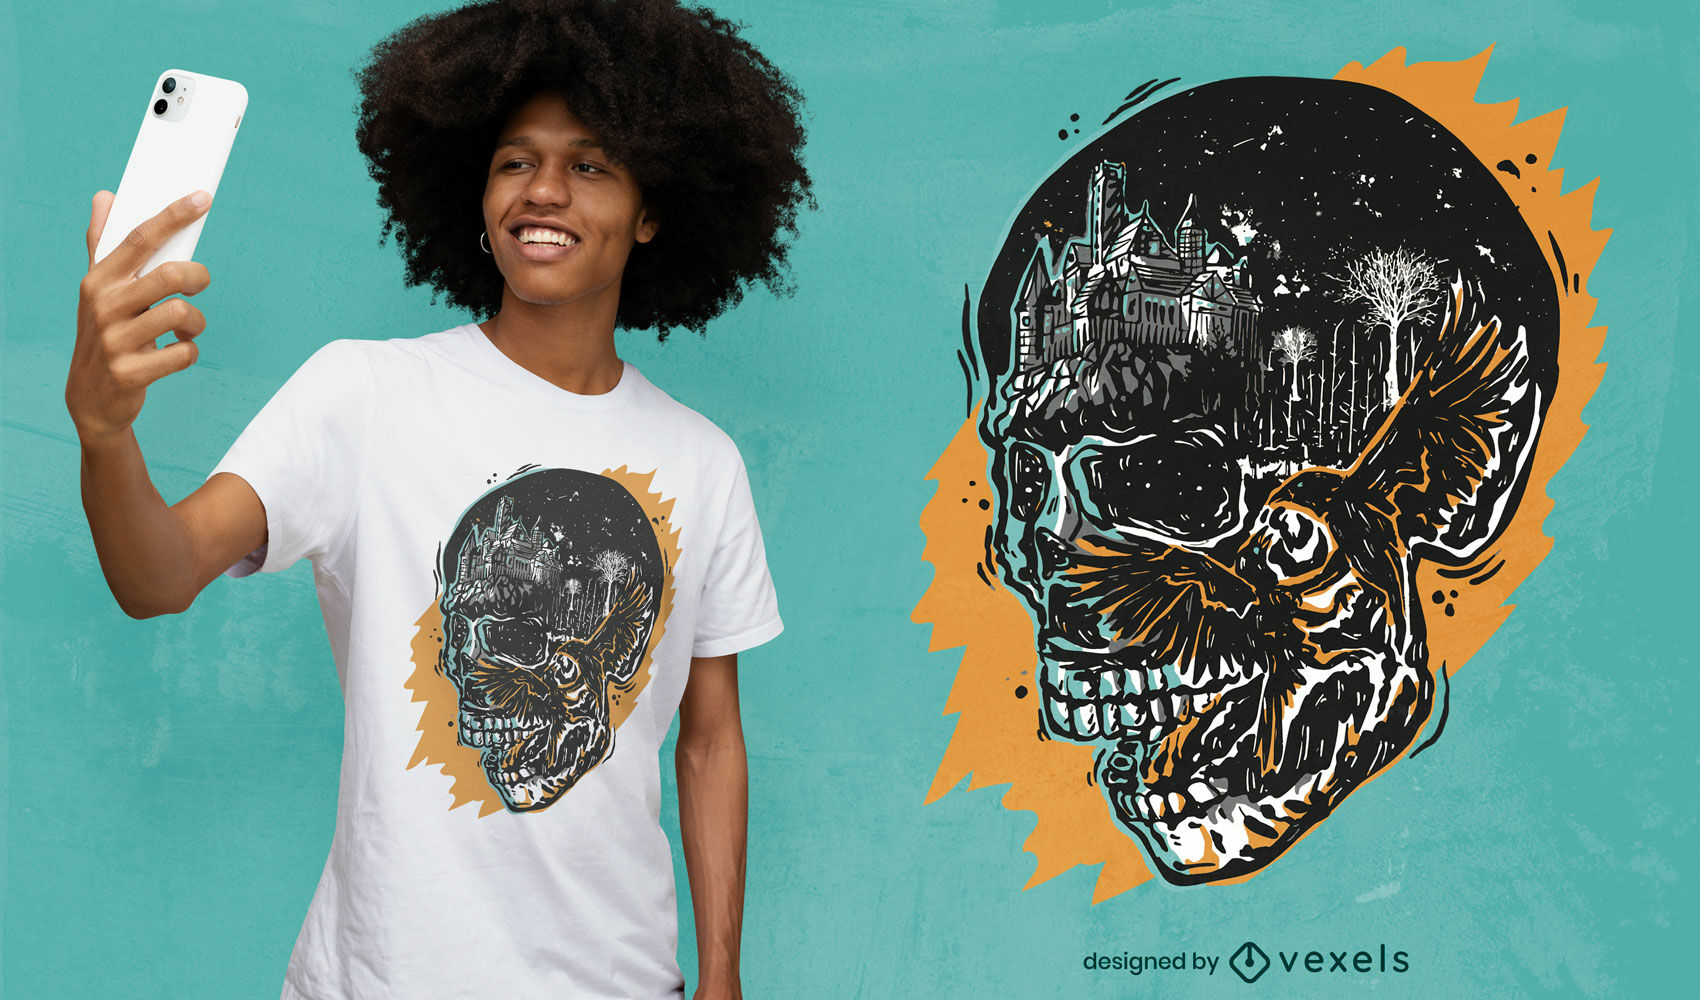 Raven on skull illustration t-shirt design